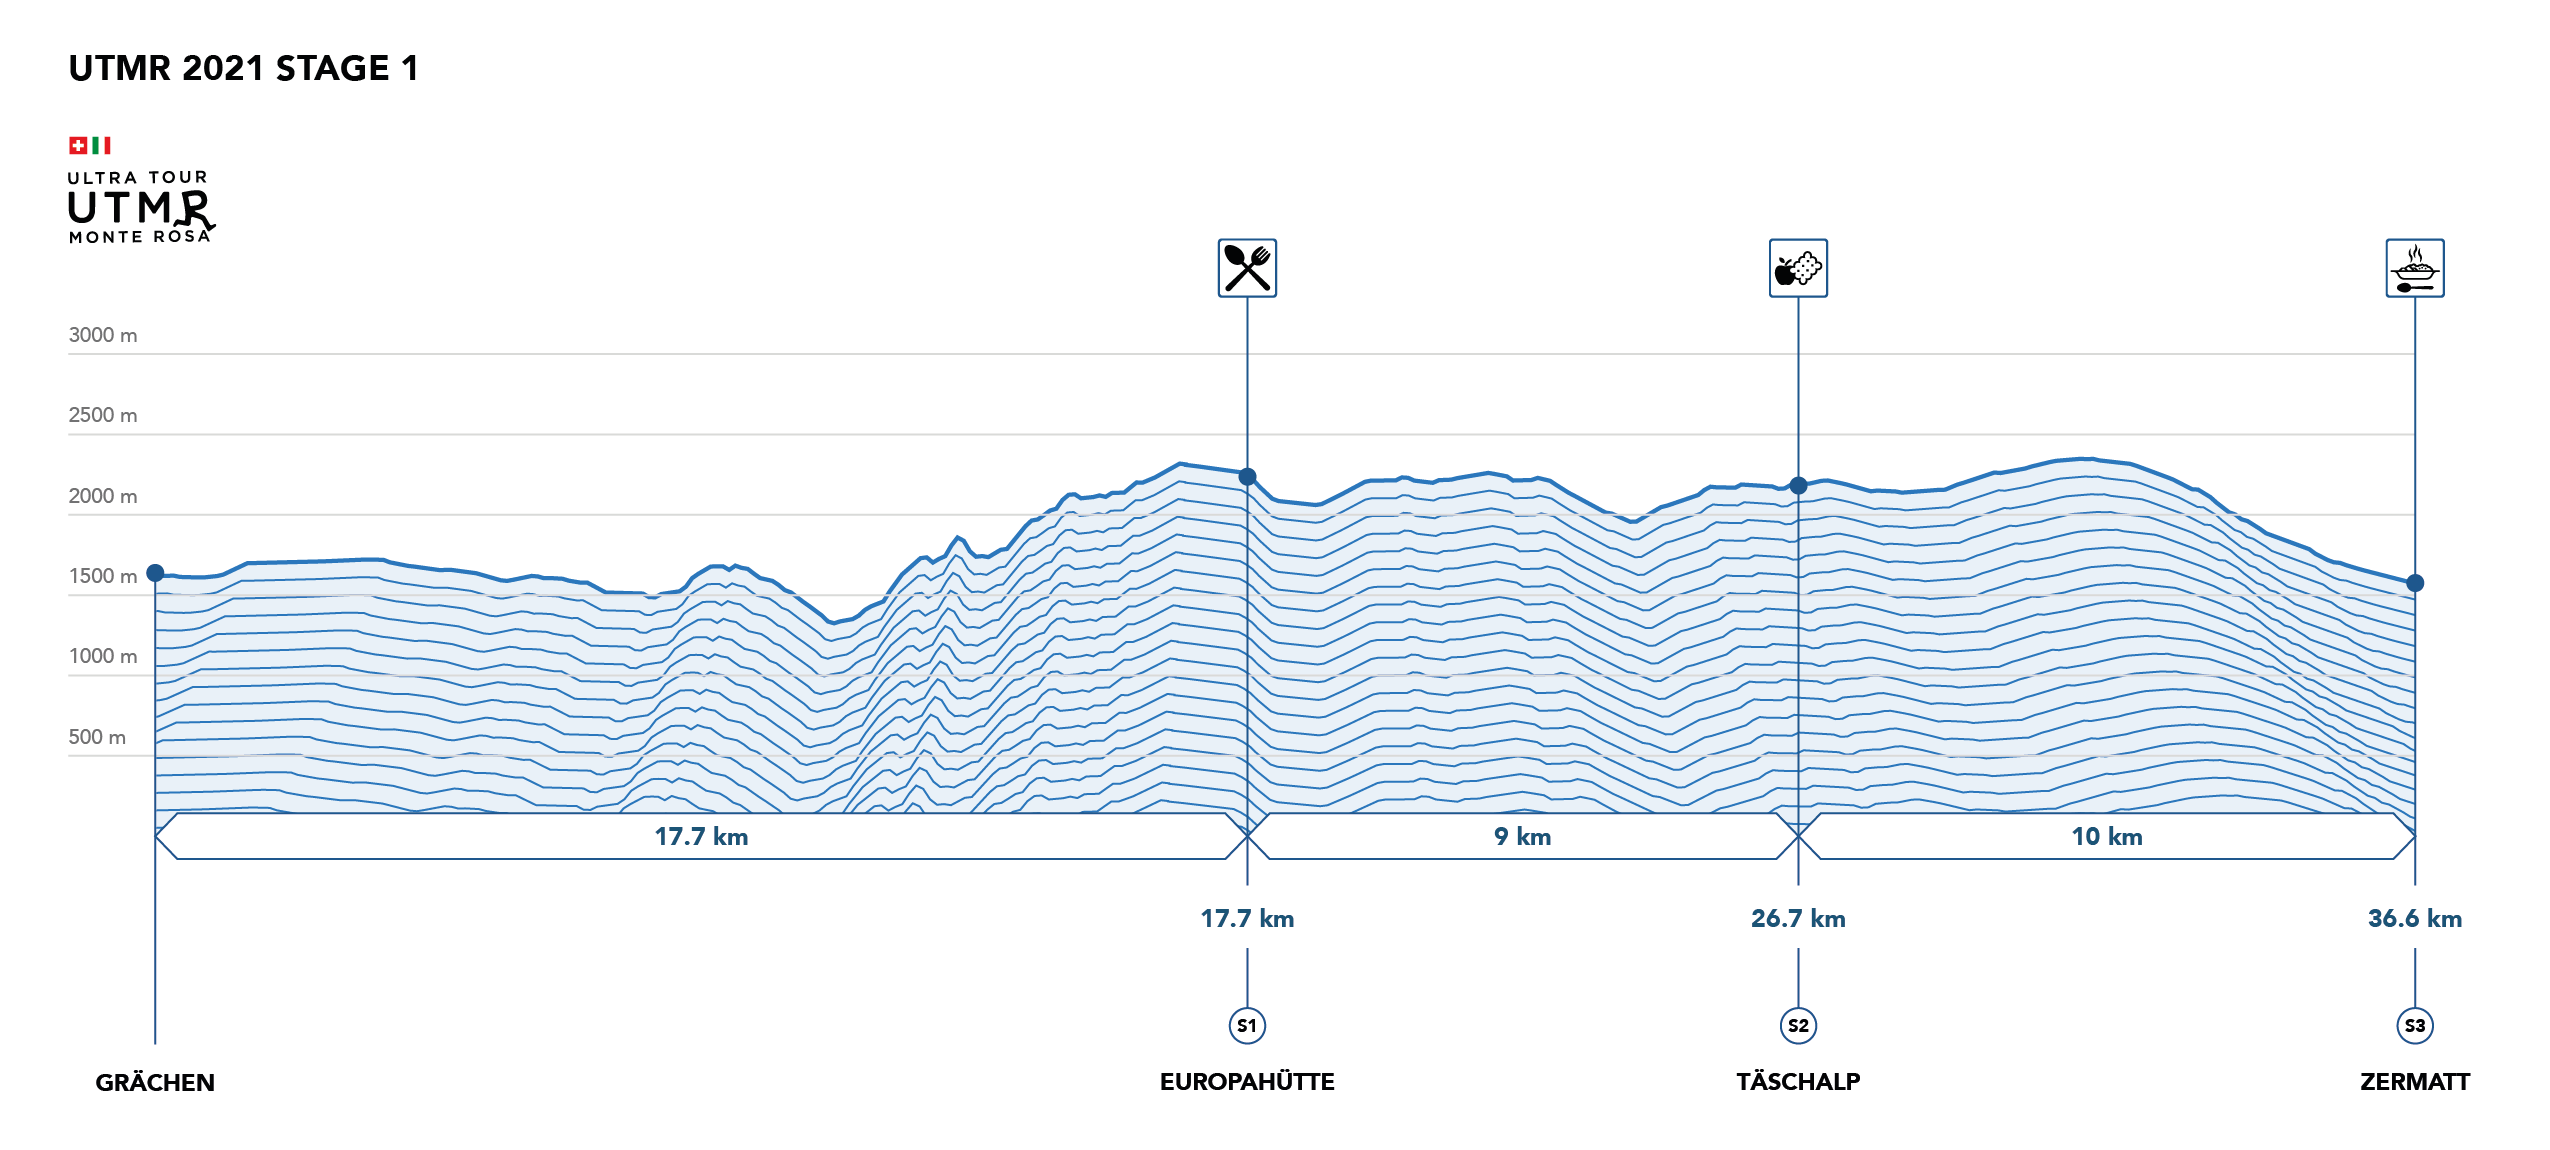 Stage Race UTMR Profile 1